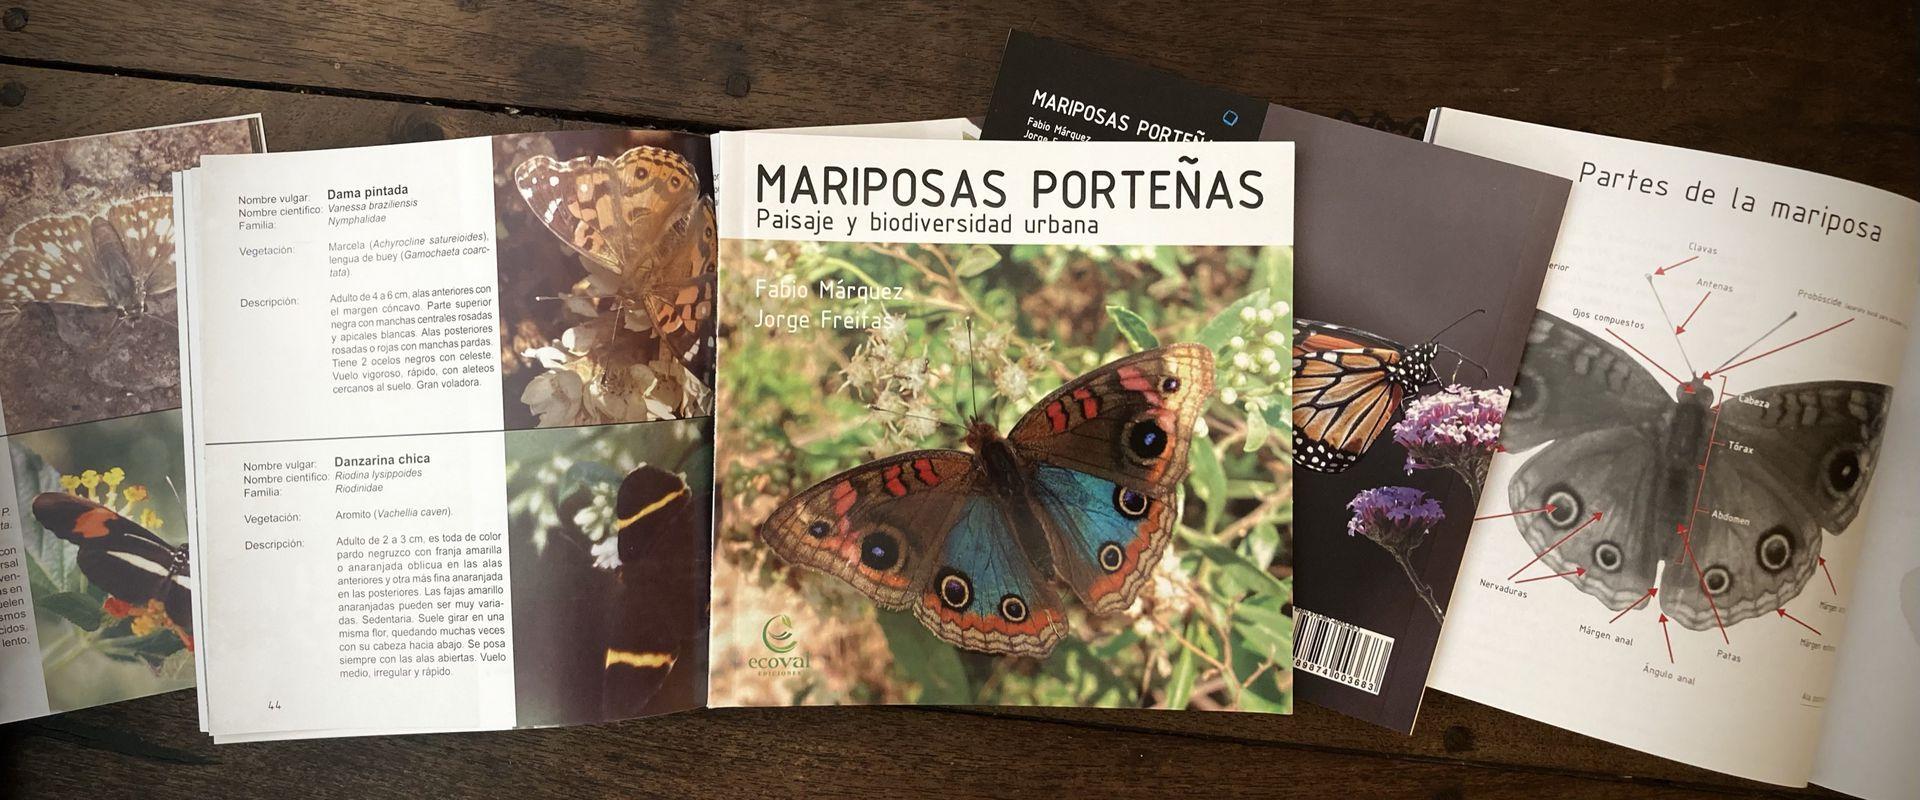 Mariposas porteñas, una completa guía para identificar mariposas en la ciudad